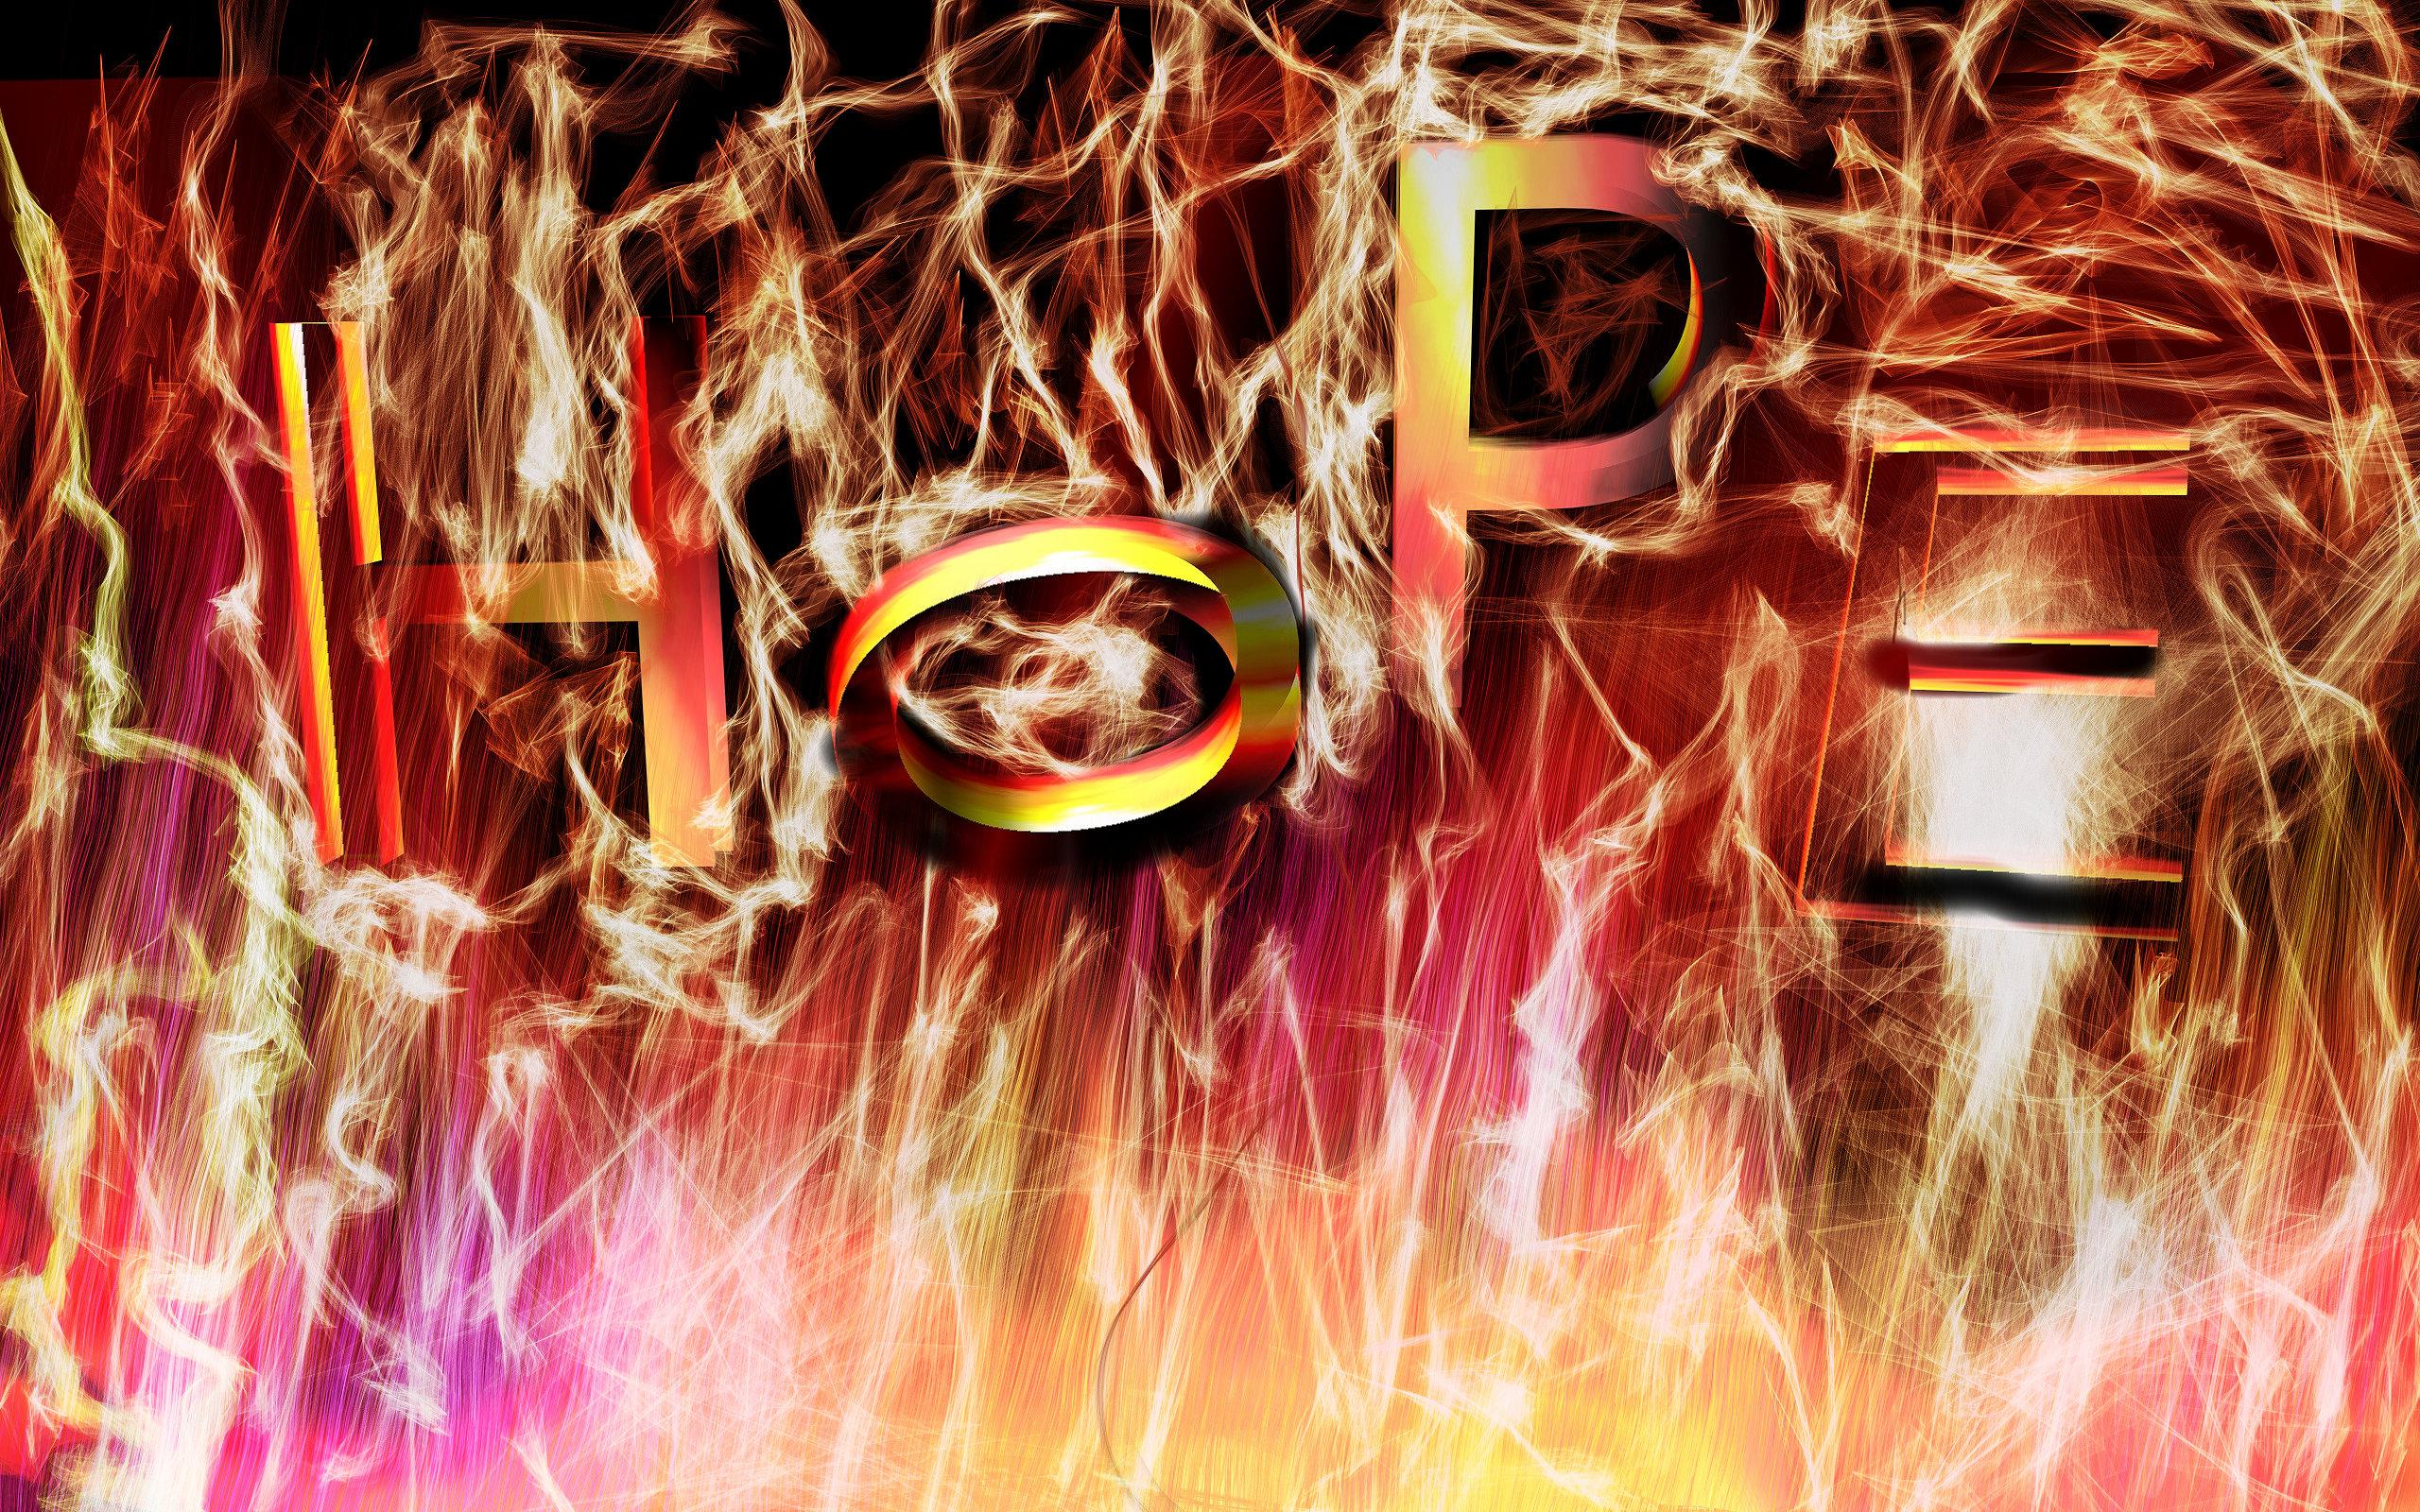 Hope, Fire, Glow, Magic, Light, HQ Photo